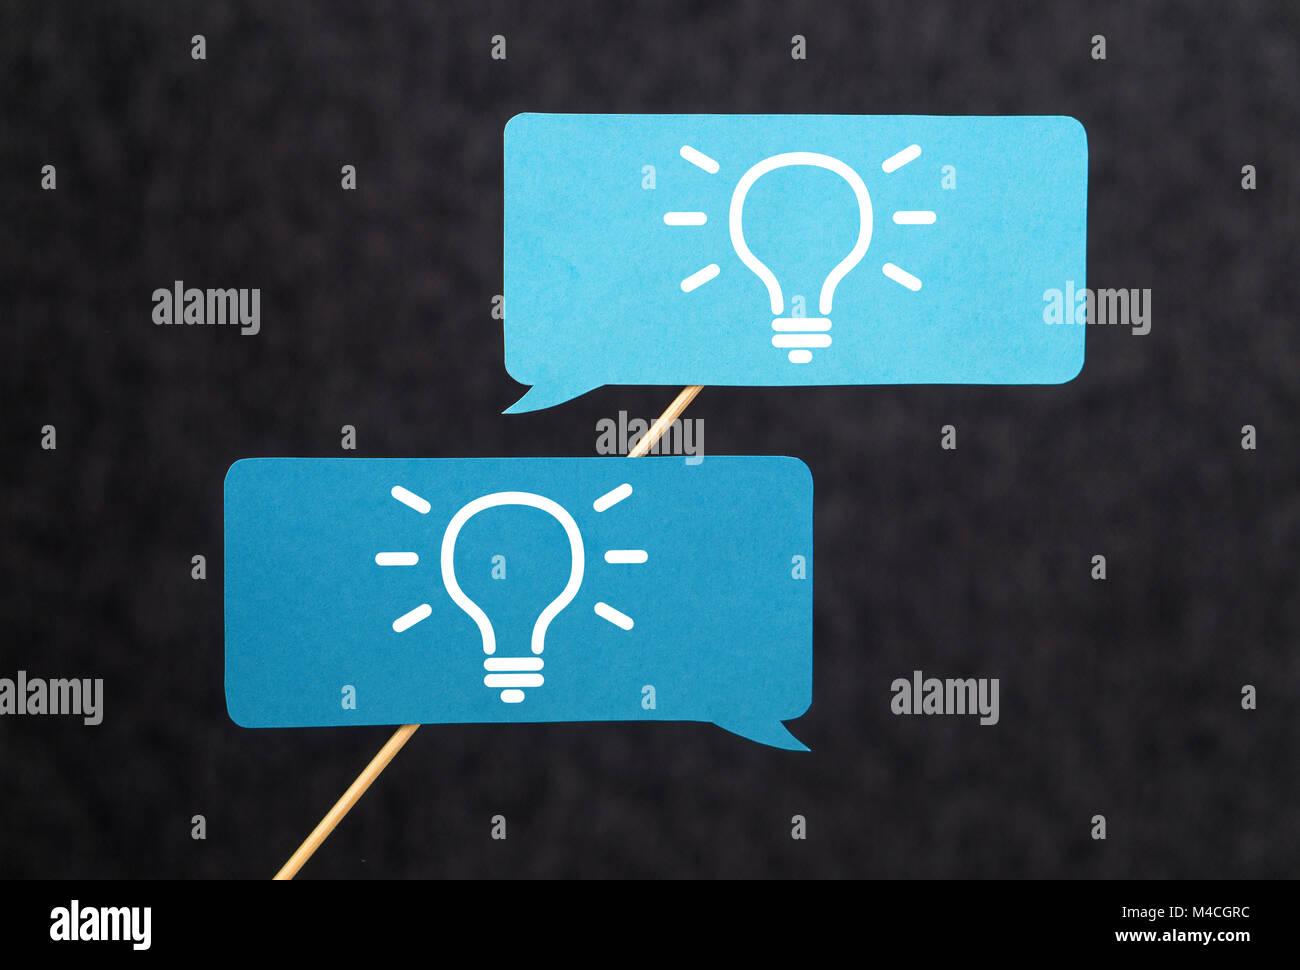 L'innovation, de réflexion, d'inspiration et d'équipe concept. Trouver de nouvelles idées novatrices et créatives Banque D'Images